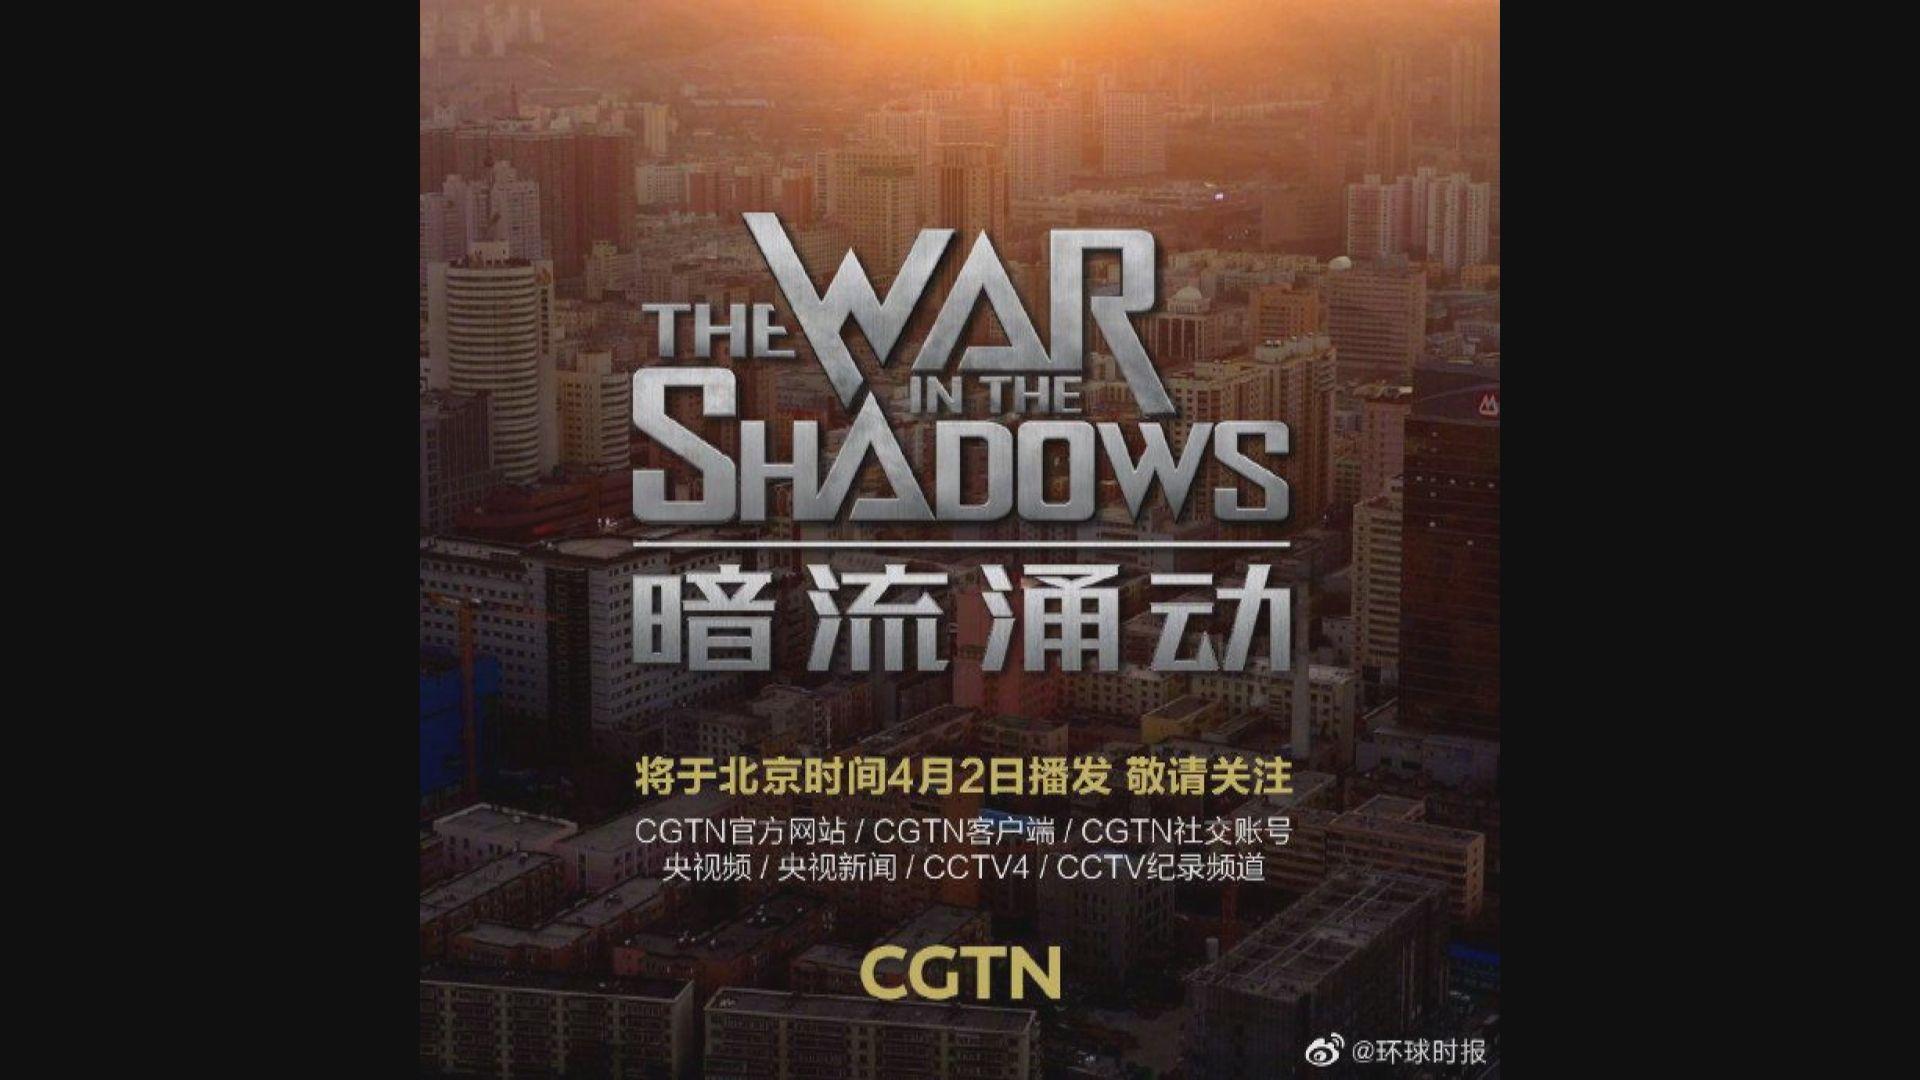 中國環球電視網周五播出新一部新疆反恐紀錄片